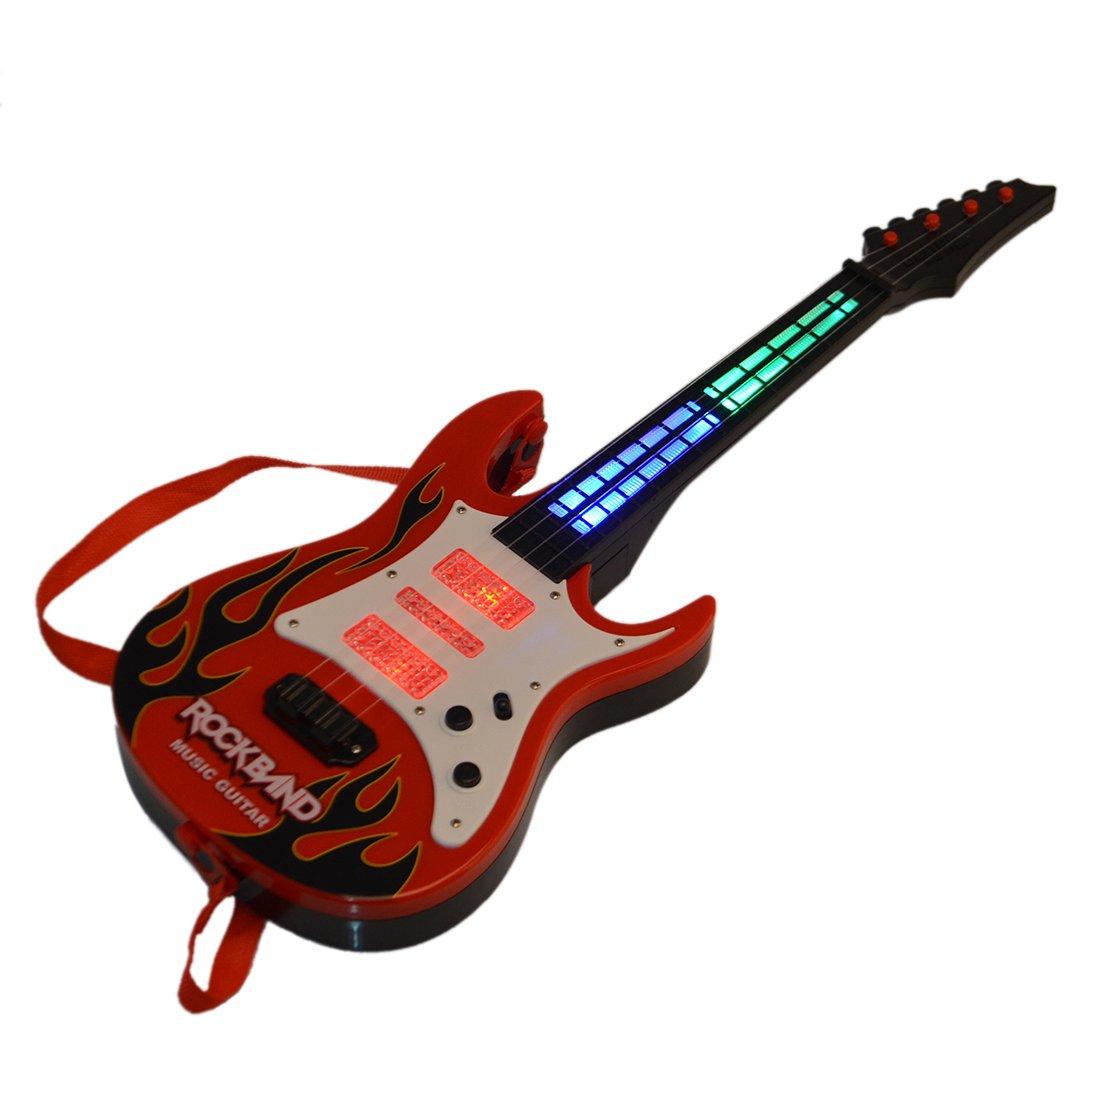 Foxom Guitarra para Niños, 4 Cuerdas Rock Música Eléctrico Guitarra Niños Musical Instrumentos Juguete Educativo, Llama roja: Amazon.es: Juguetes y juegos